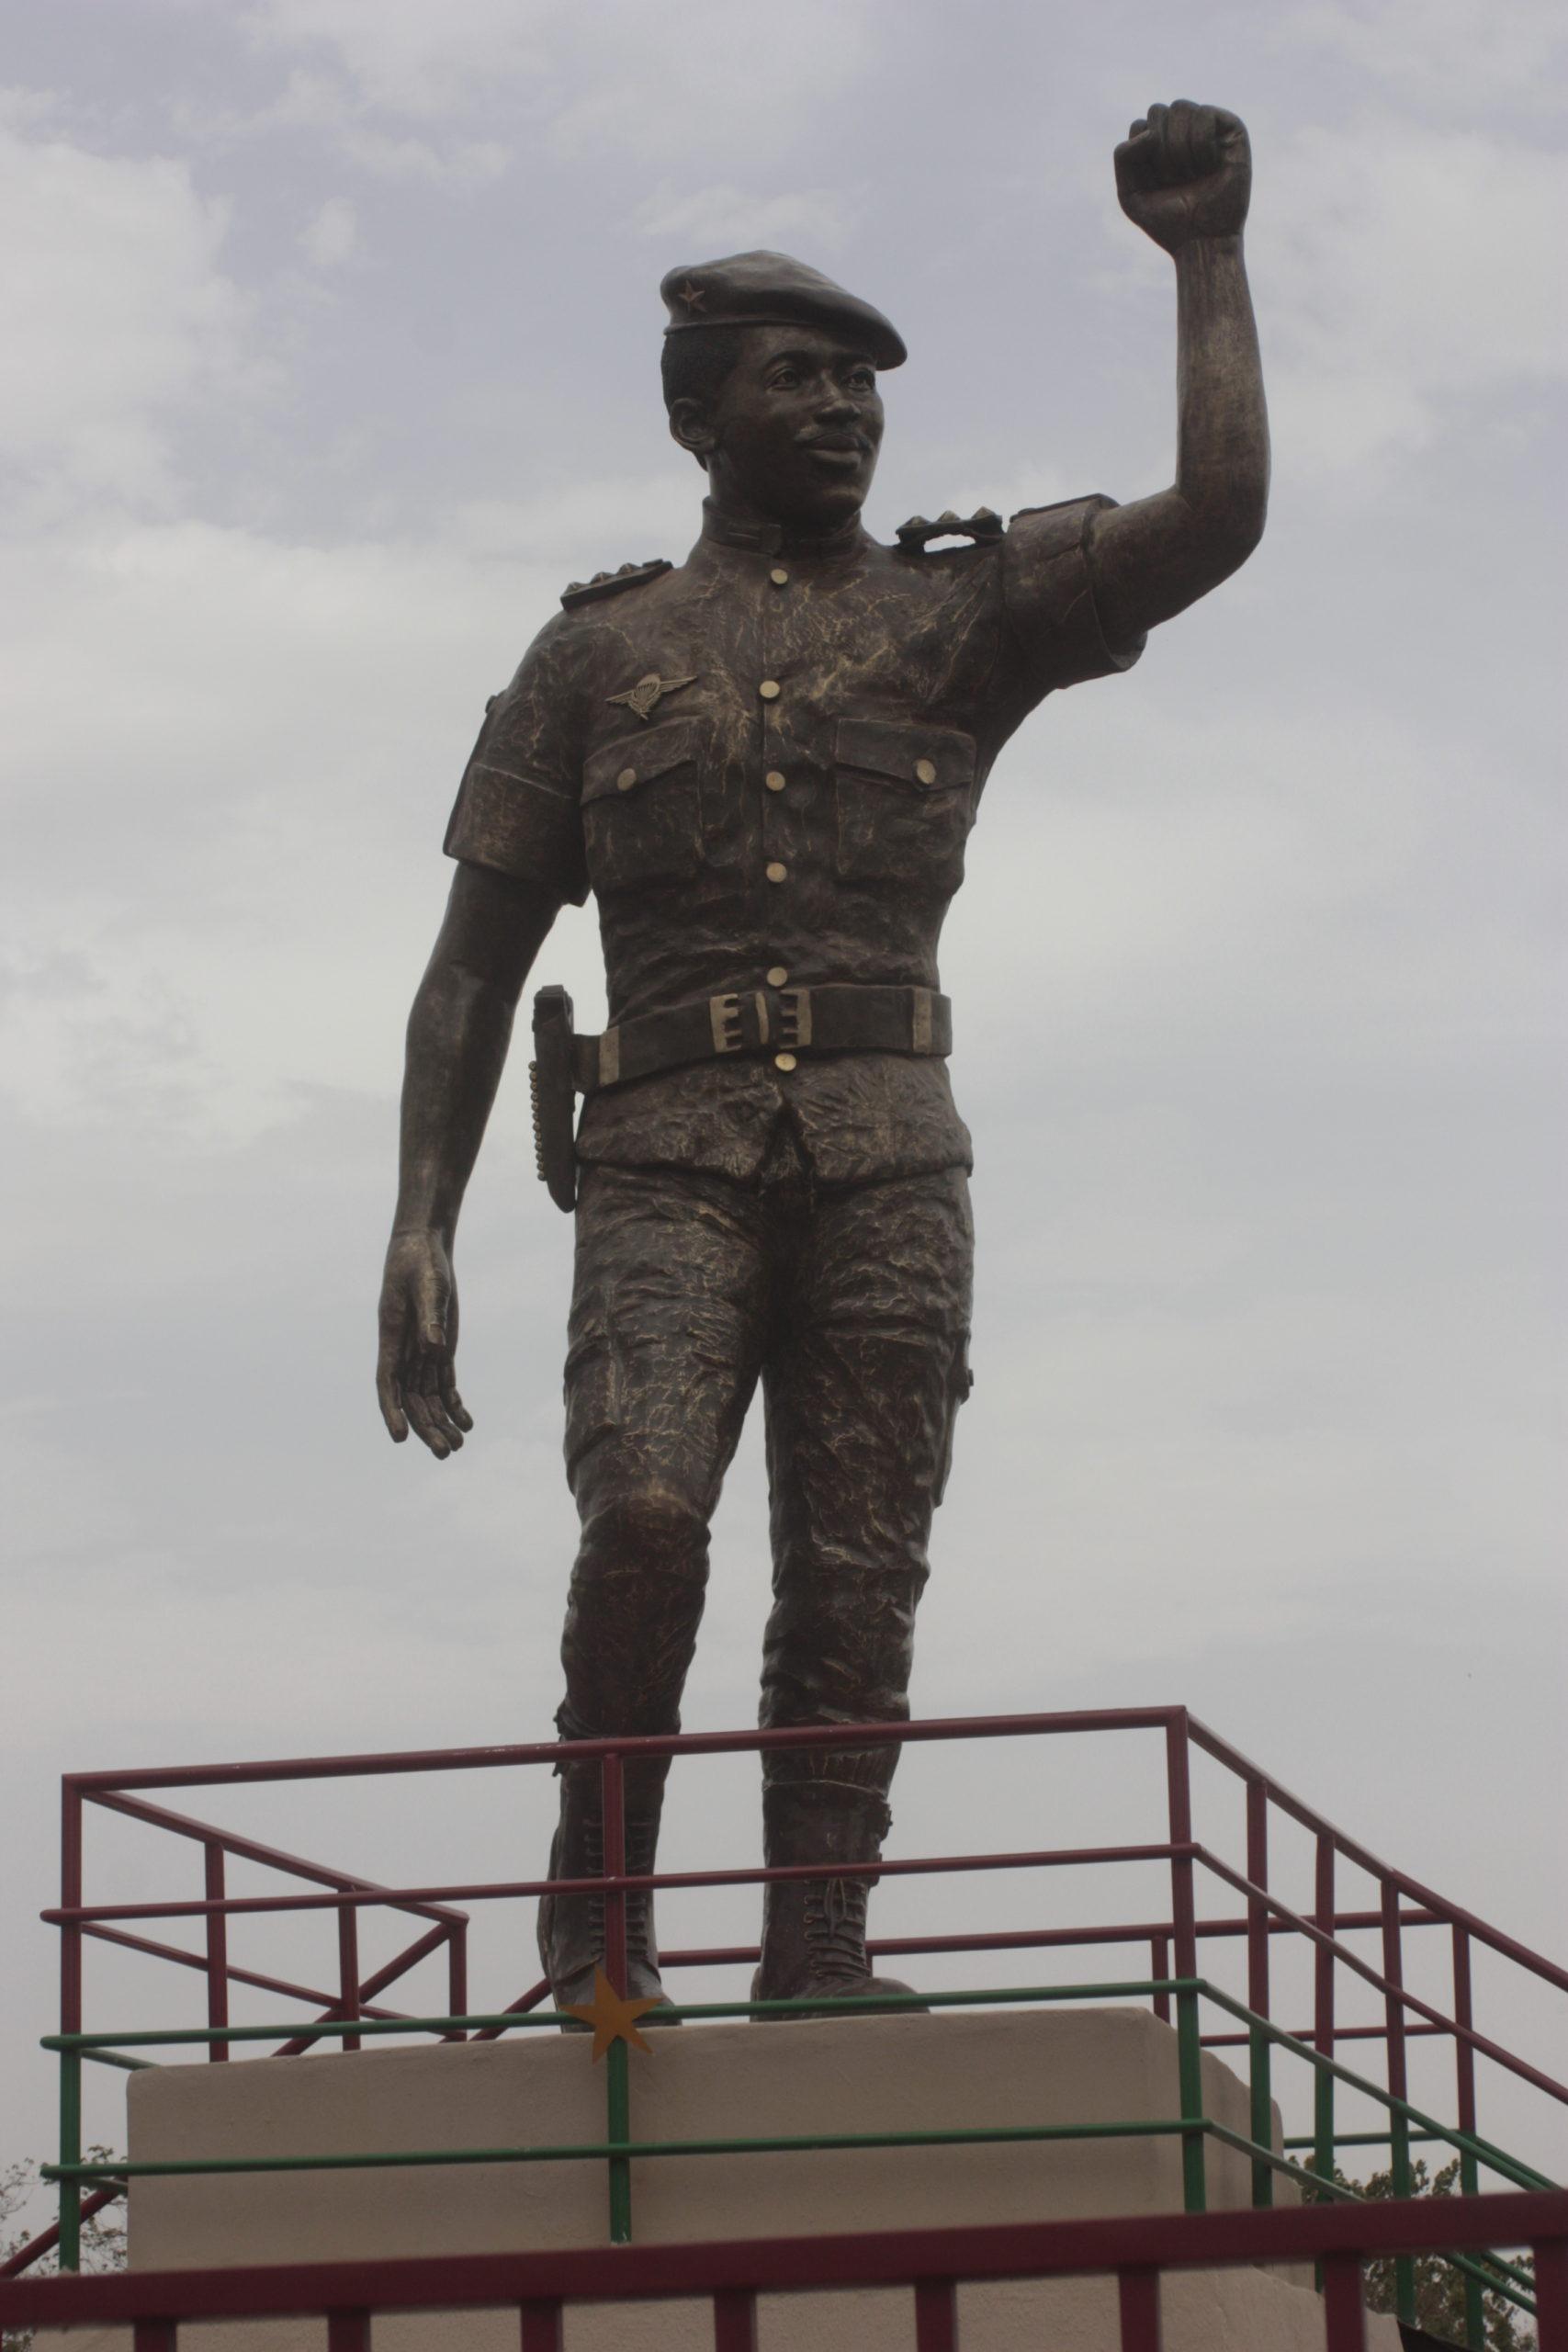 CONSEIL DE L'ENTENTE: La statue de 8 m de haut de Thomas Sankara devoilée